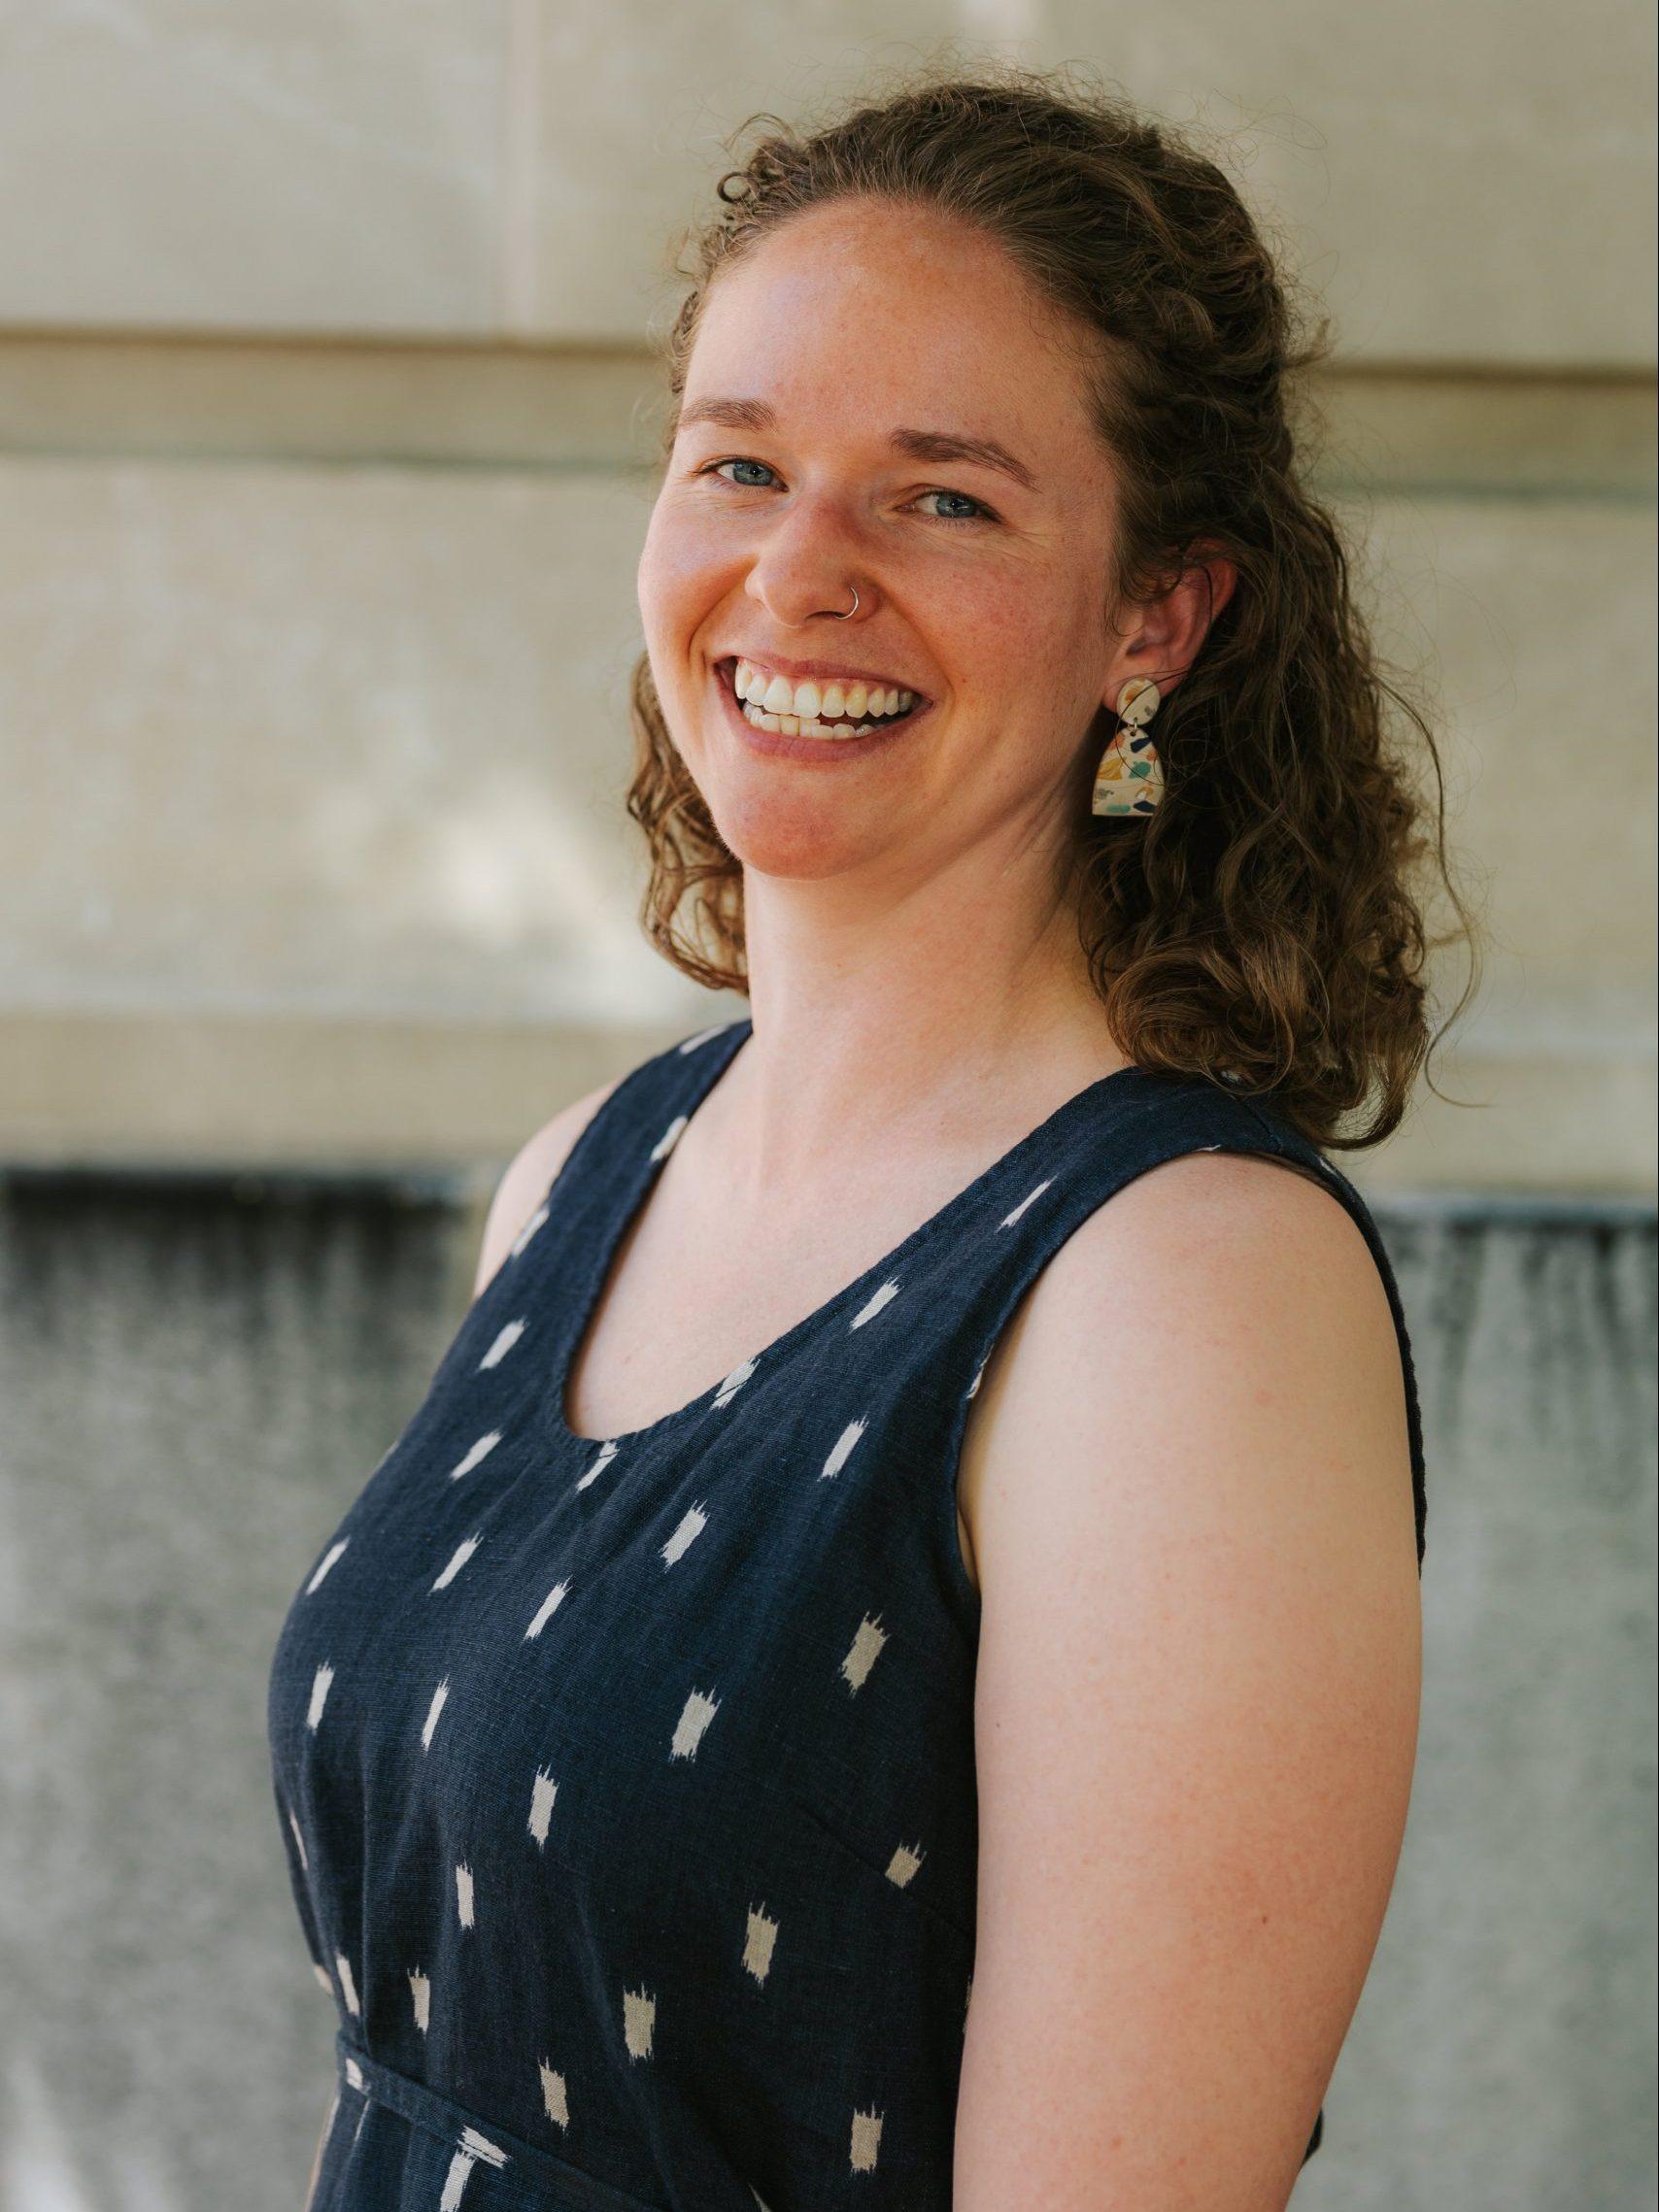 Headshot of Rachel Sumner